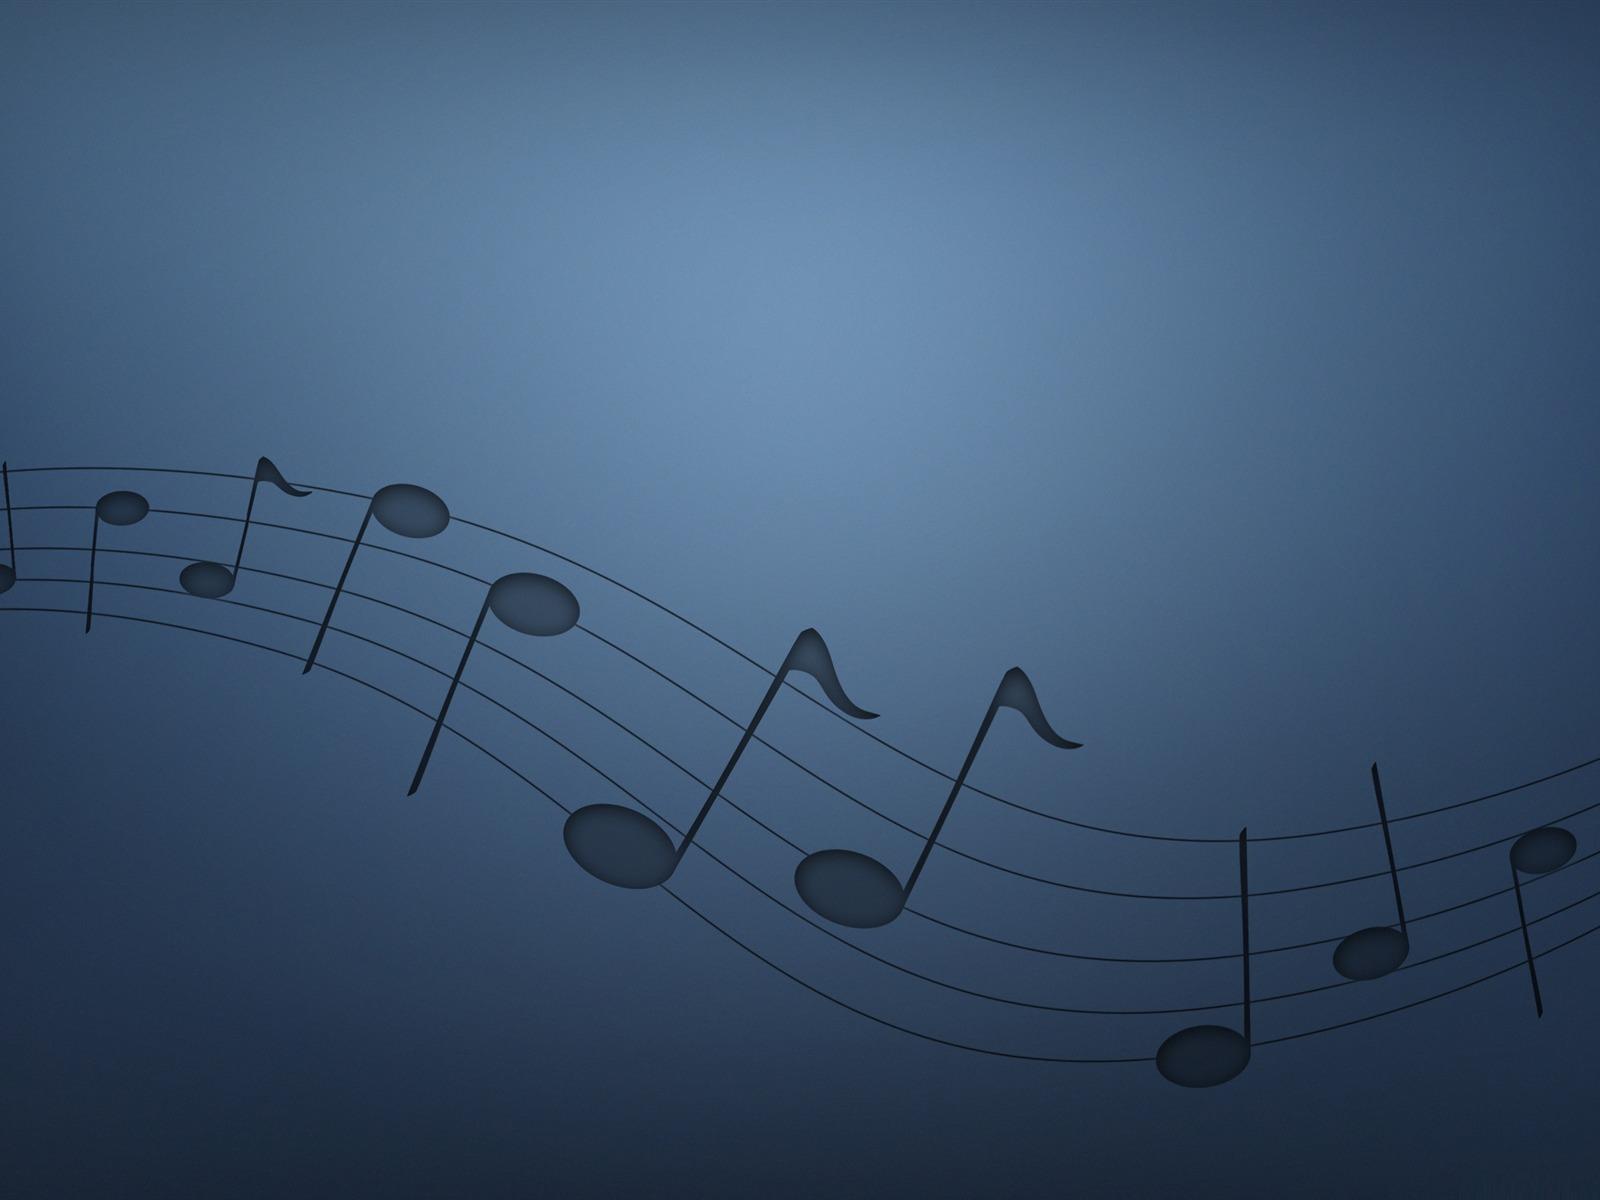 notes de musique-wallpaper thème de la musique Aperçu ... Desktop Themes